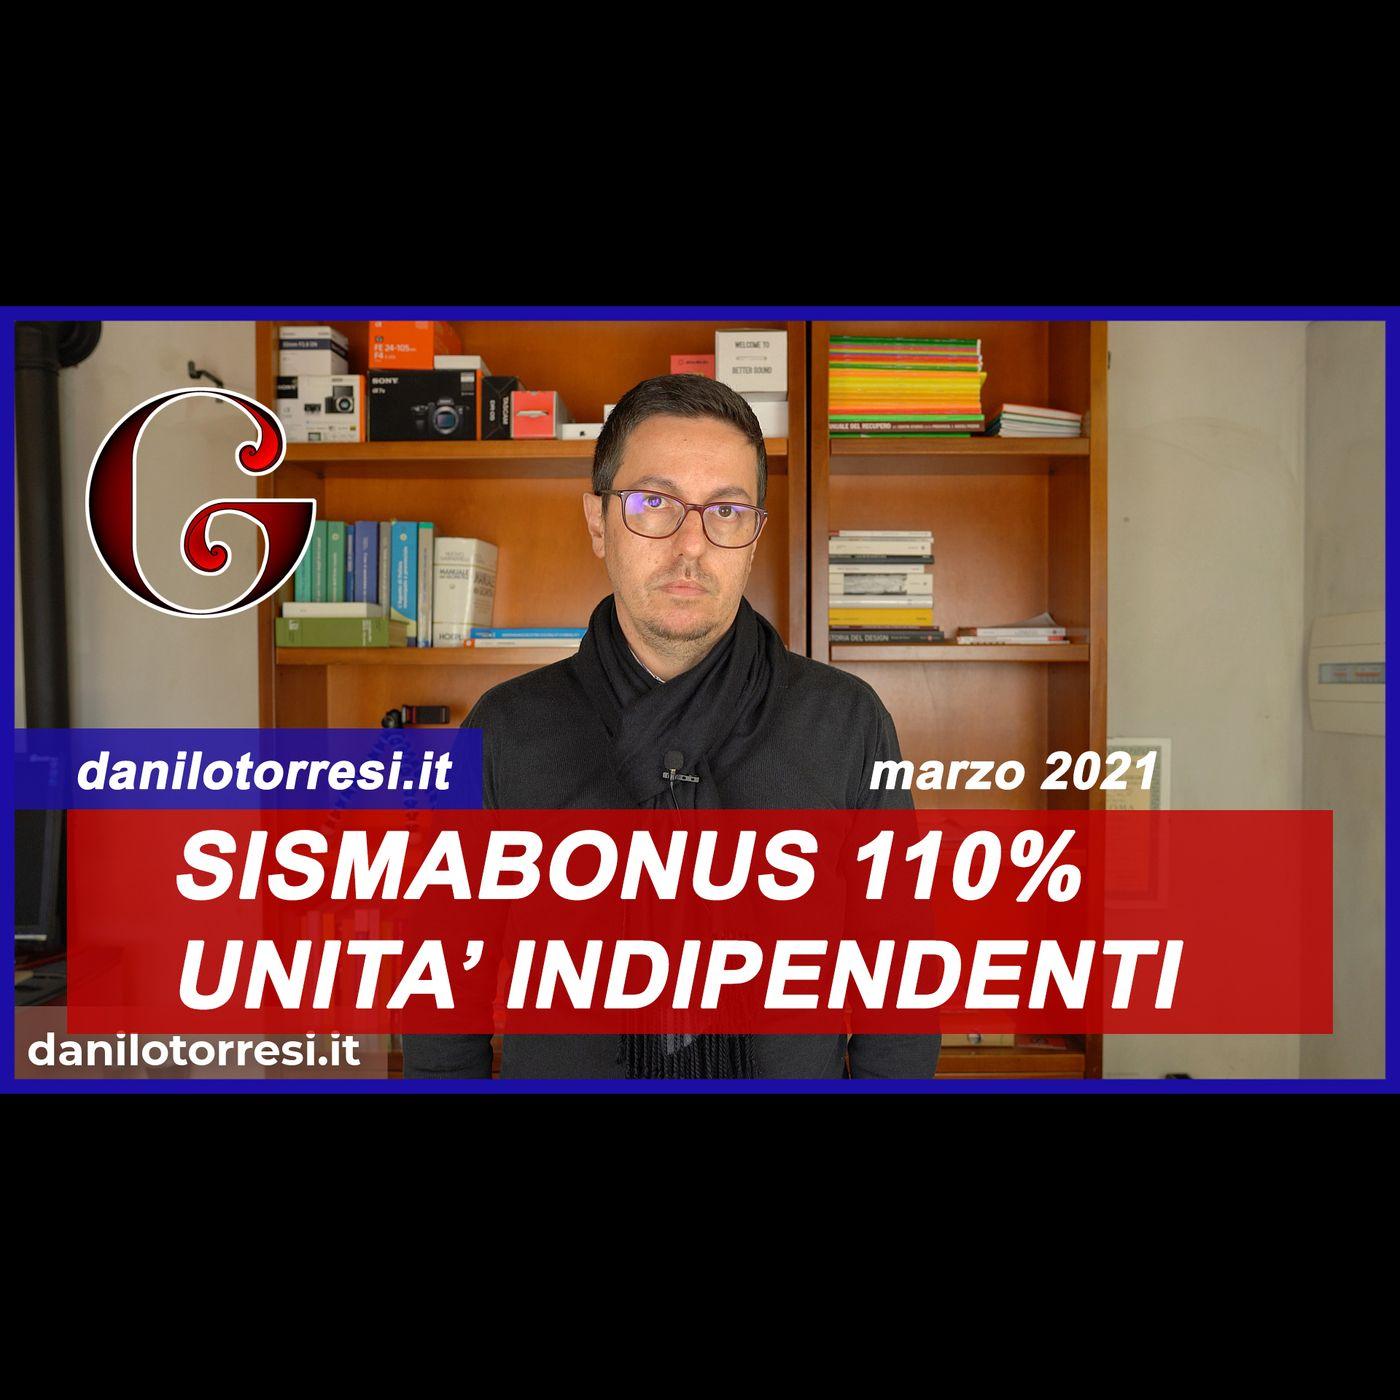 SUPERBONUS 110%: Sismabonus con demolizione e ricostruzione due unità indipendenti